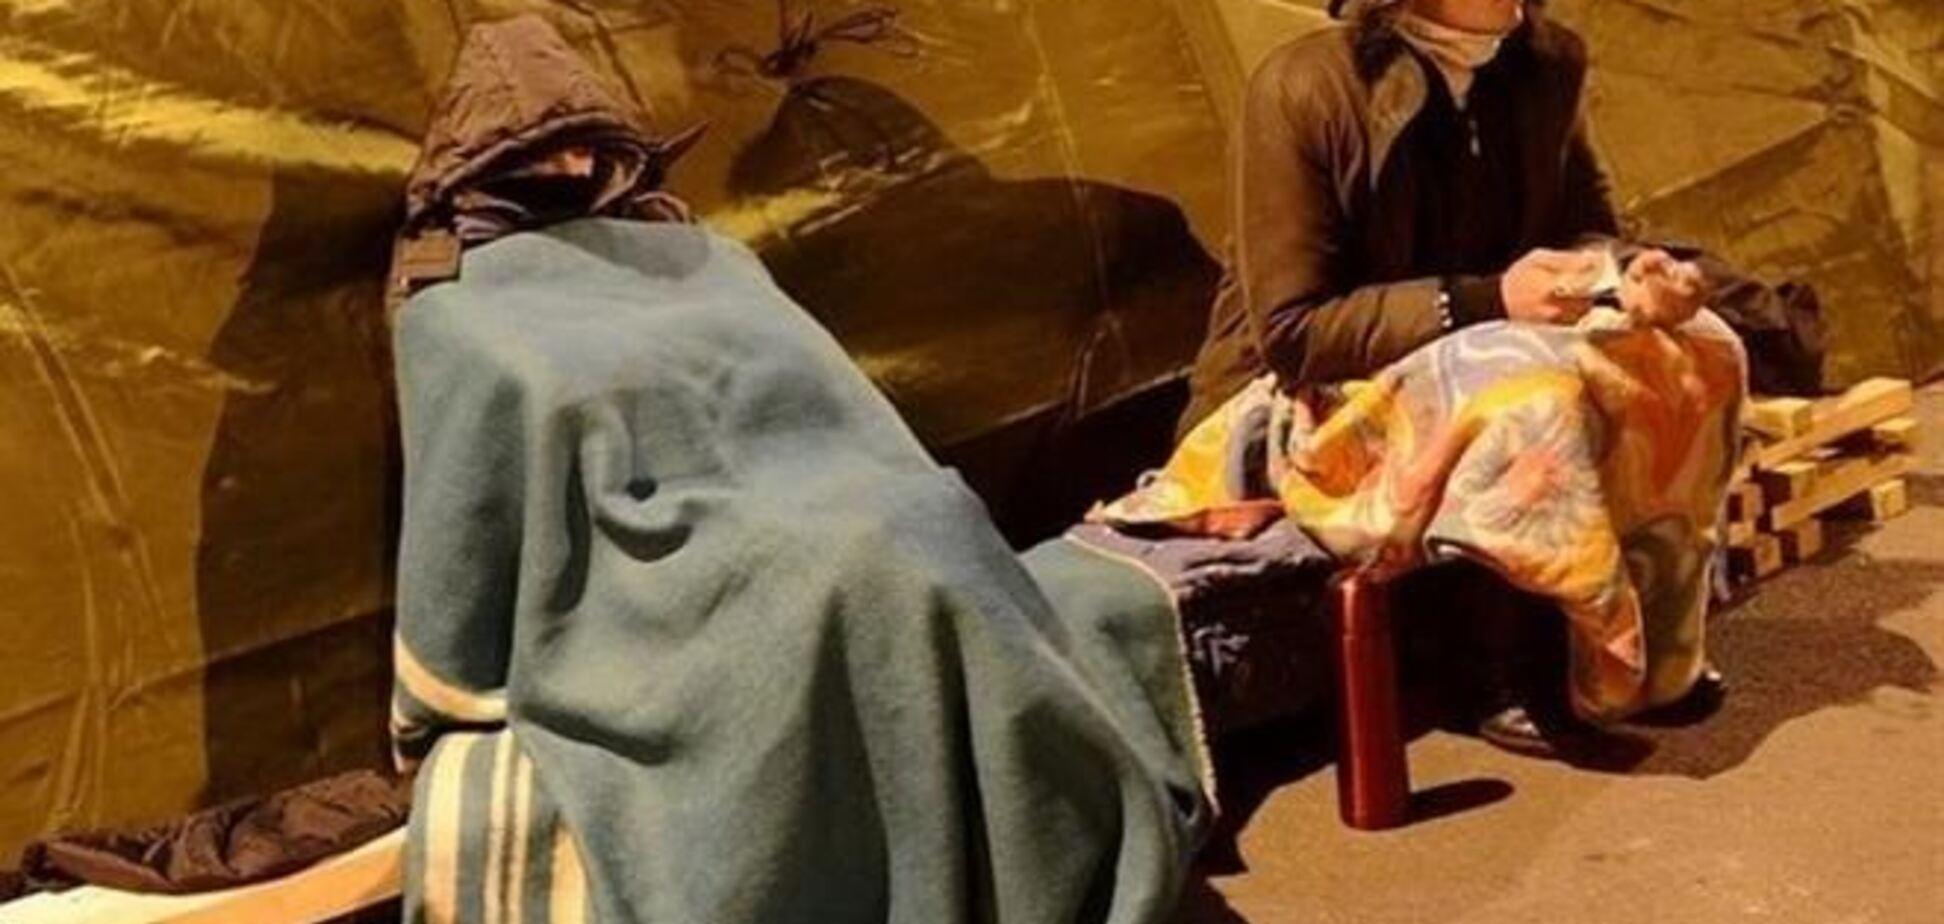 Евромайдановцы попадают в больницы с расстройствами психики, пневмонией и опьянением